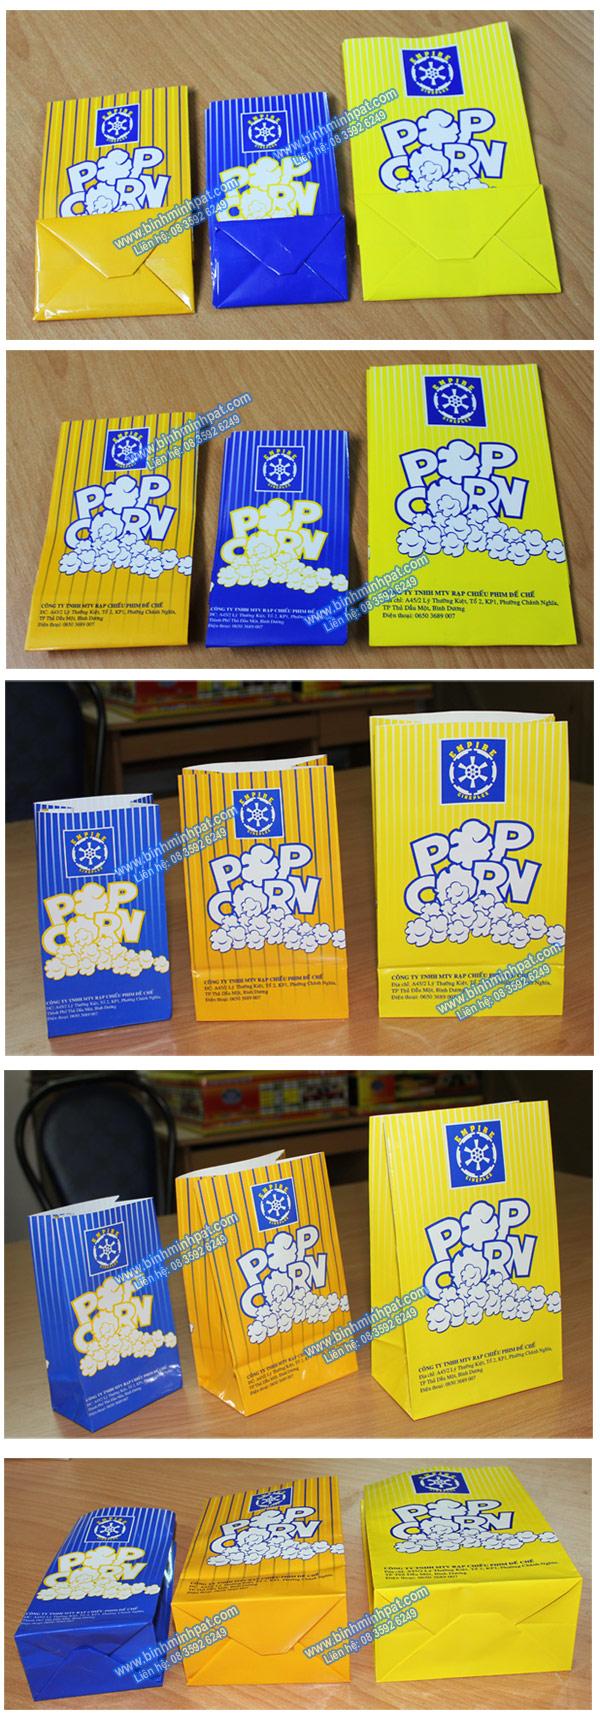 Hình ảnh sản phẩm túi giấy đựng bắp rang bơ